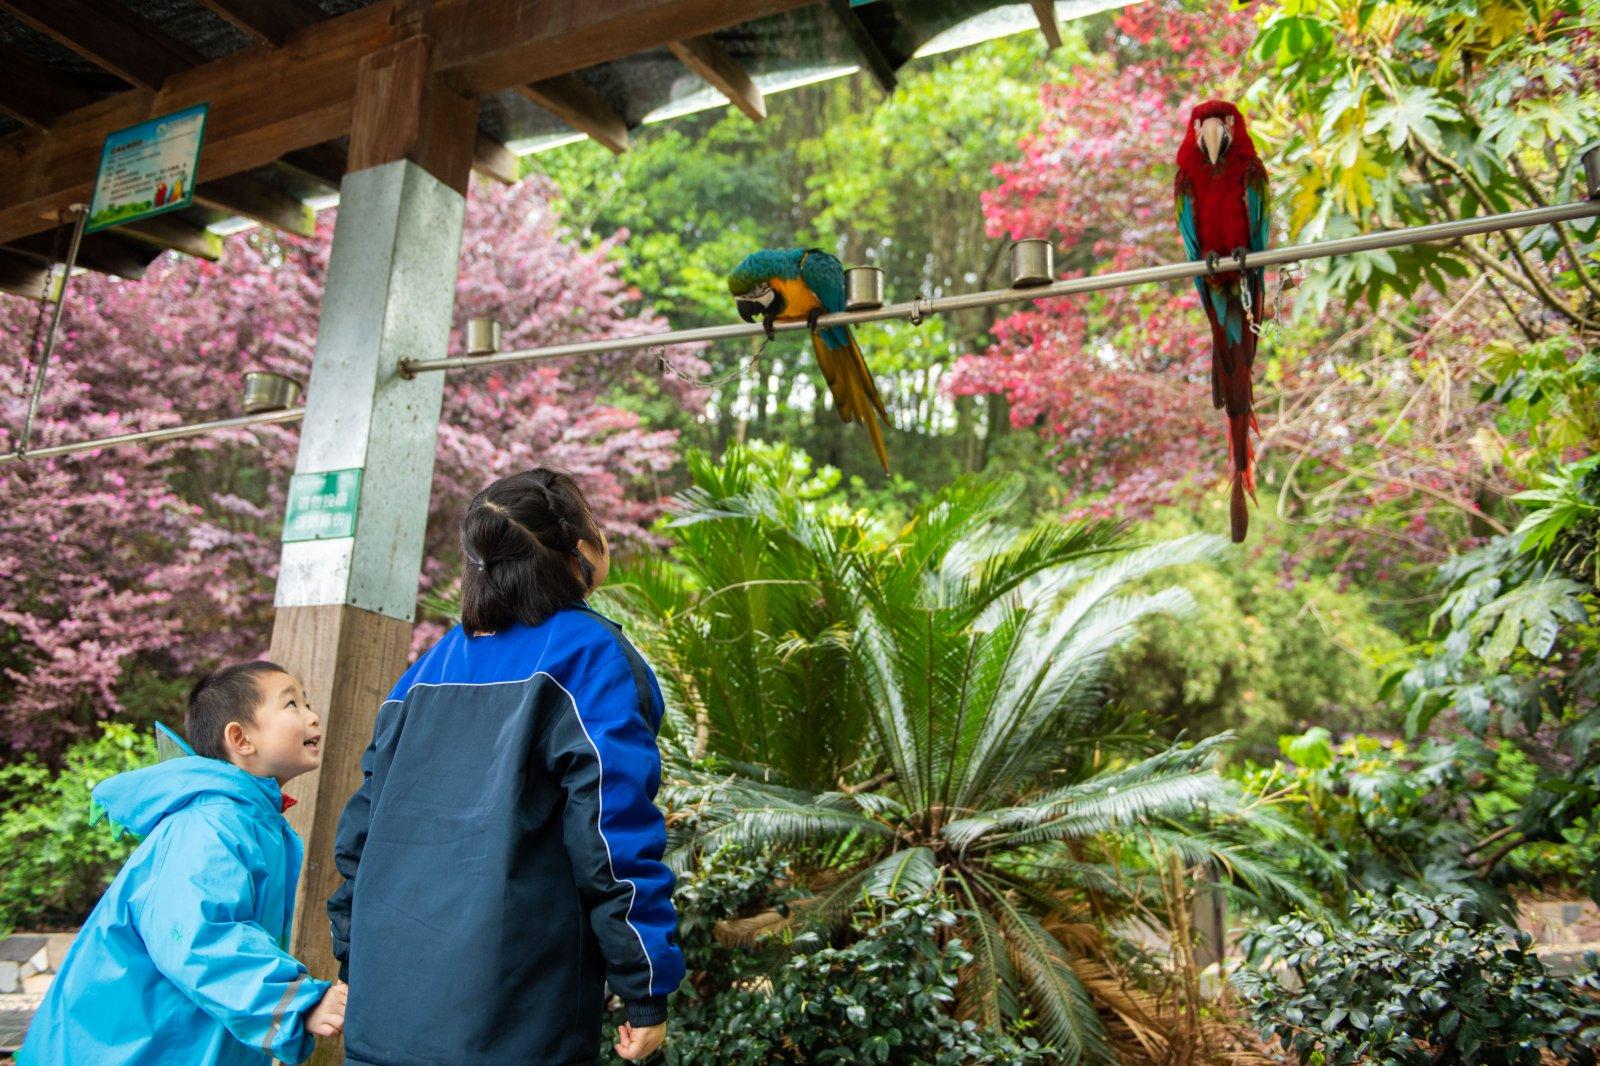 4月3日,兩位小朋友在長沙生態動物園觀察鸚鵡。(新華社)